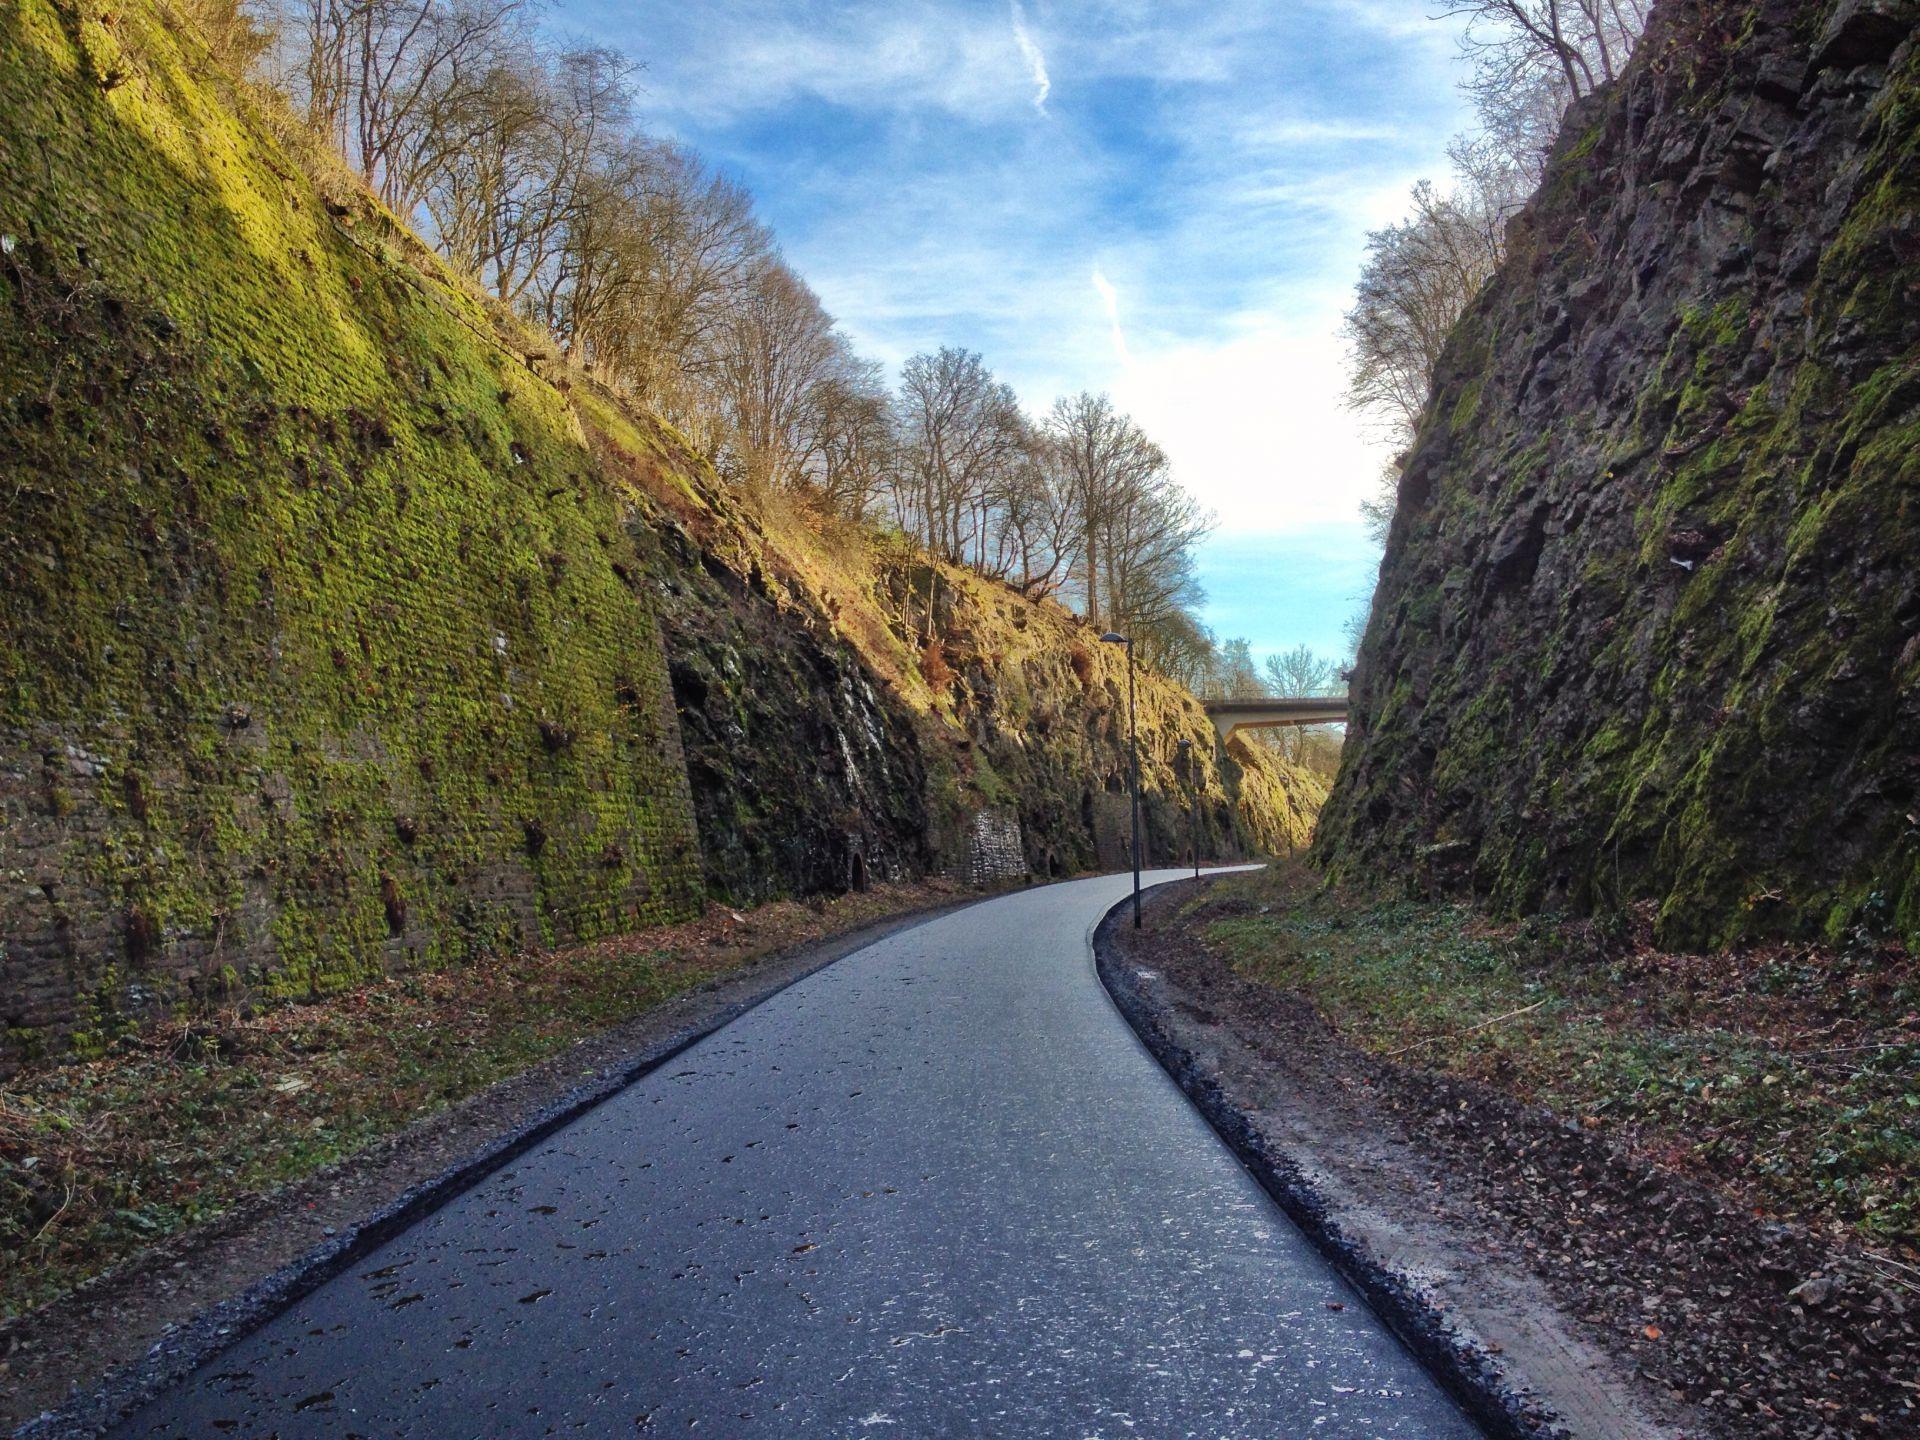 Nordbahntrasse Wuppertal - 20km Radweg von Bürgern für